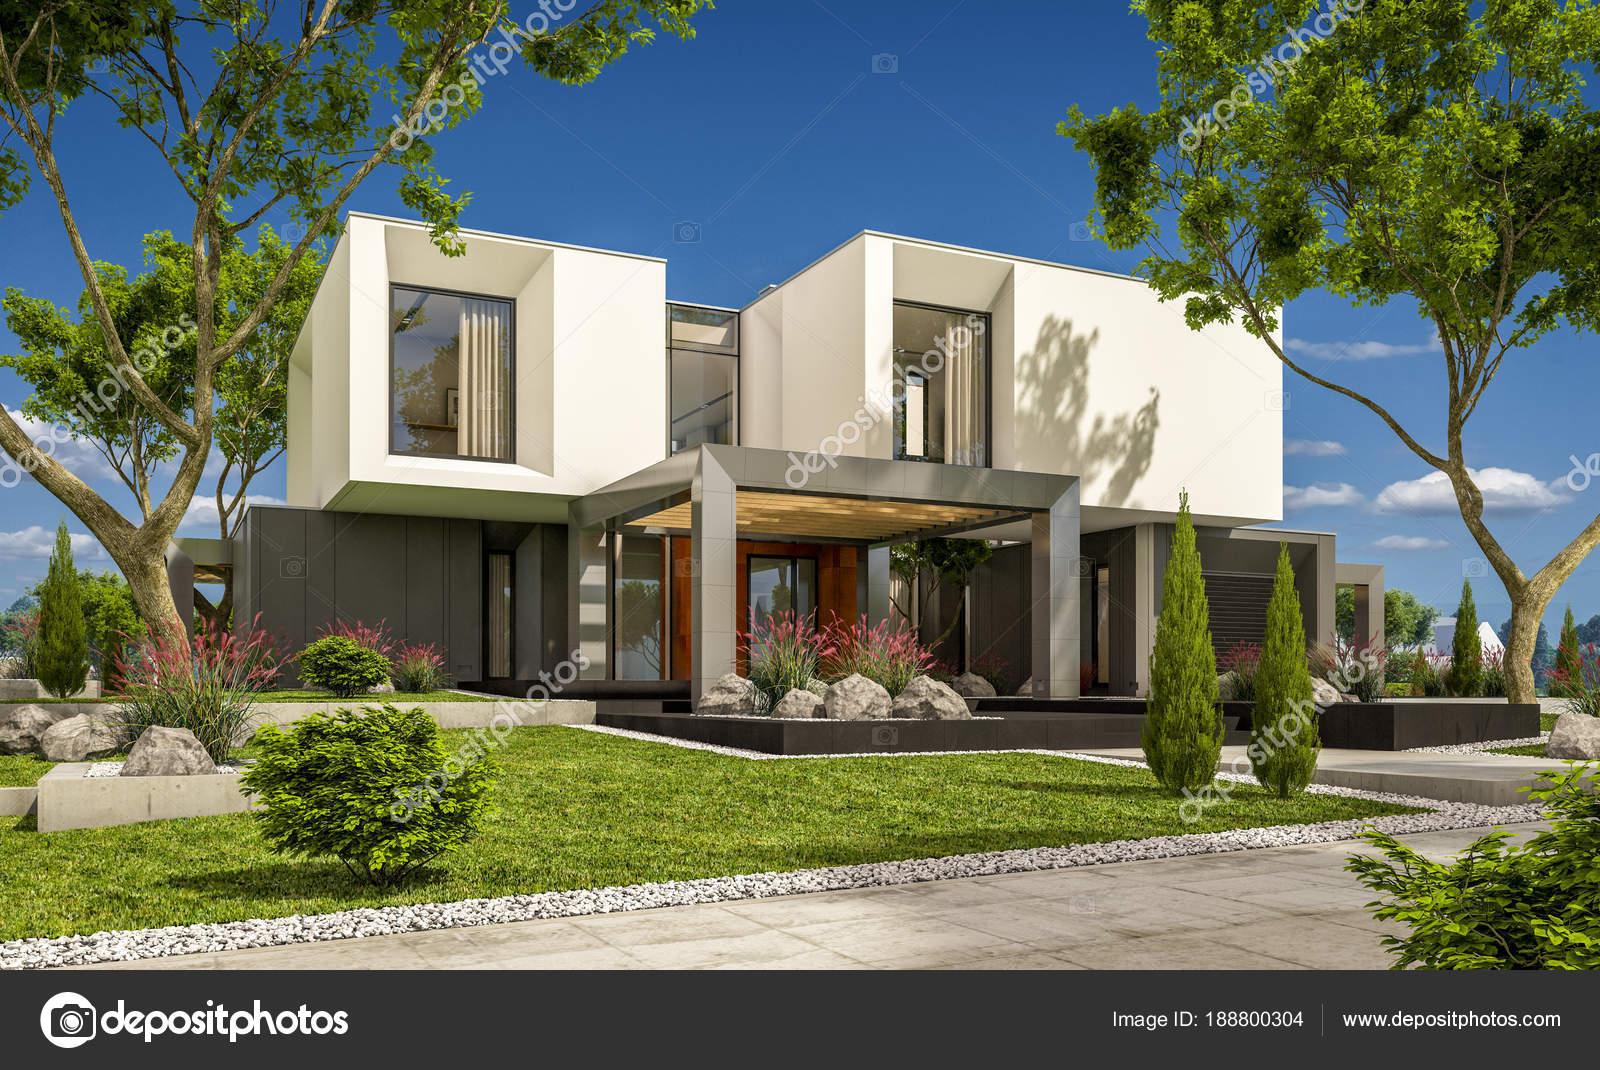 Render 3d de una casa moderna en el jard n fotos de for Casa moderna jardin d el menzah